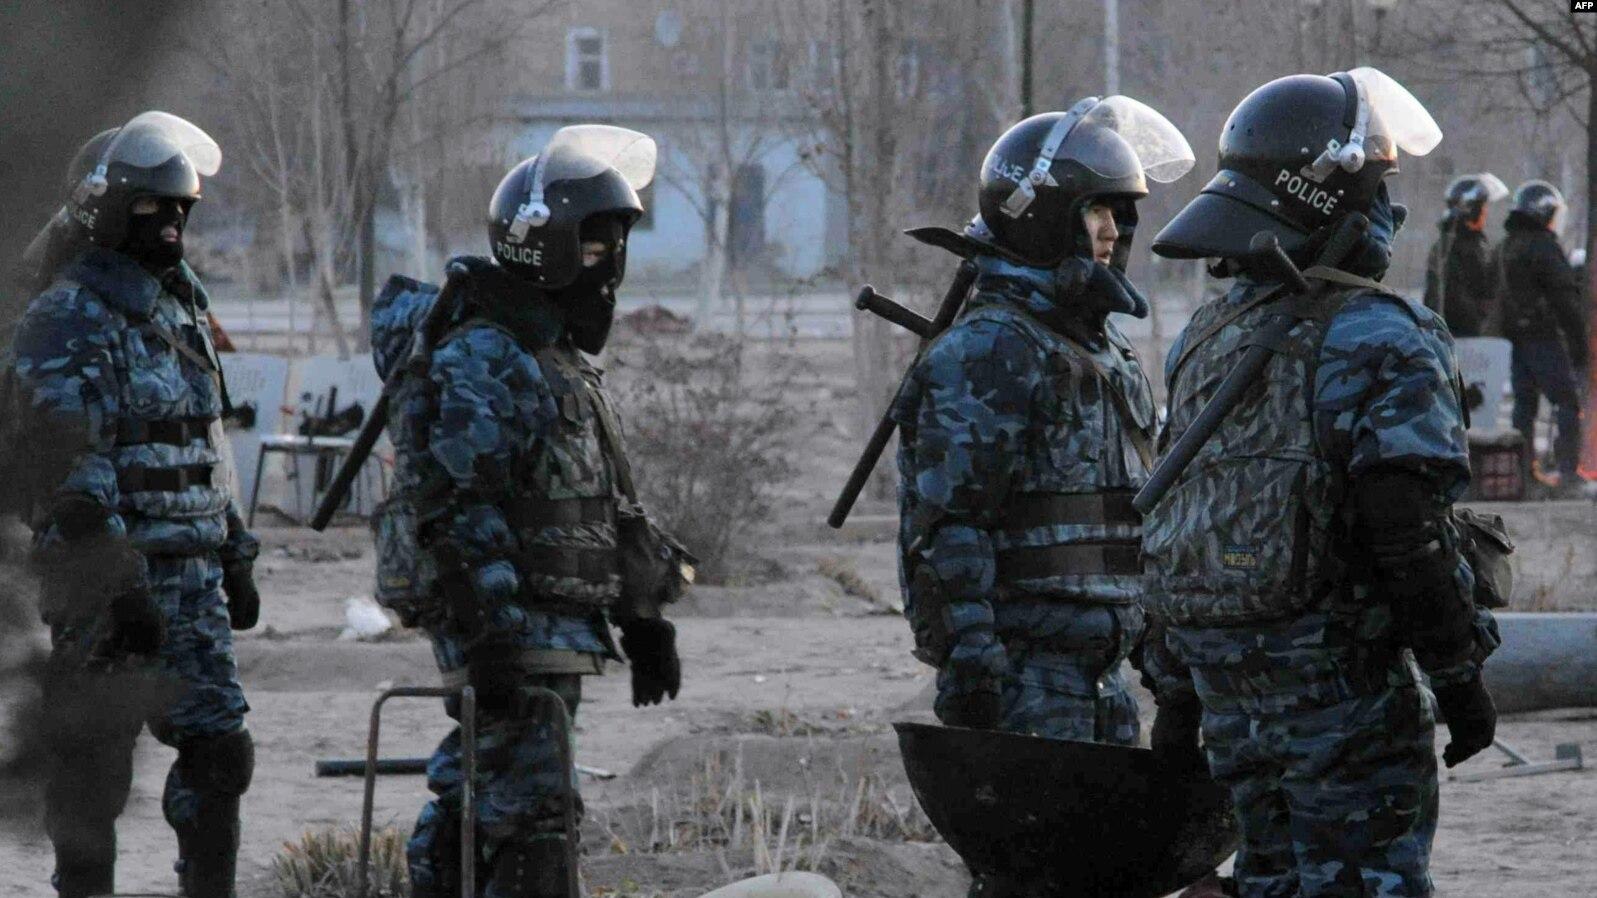 Дело НацГвардии: Военная прокуратура лучше посадит эксперта, чем «прижмет» офицеров